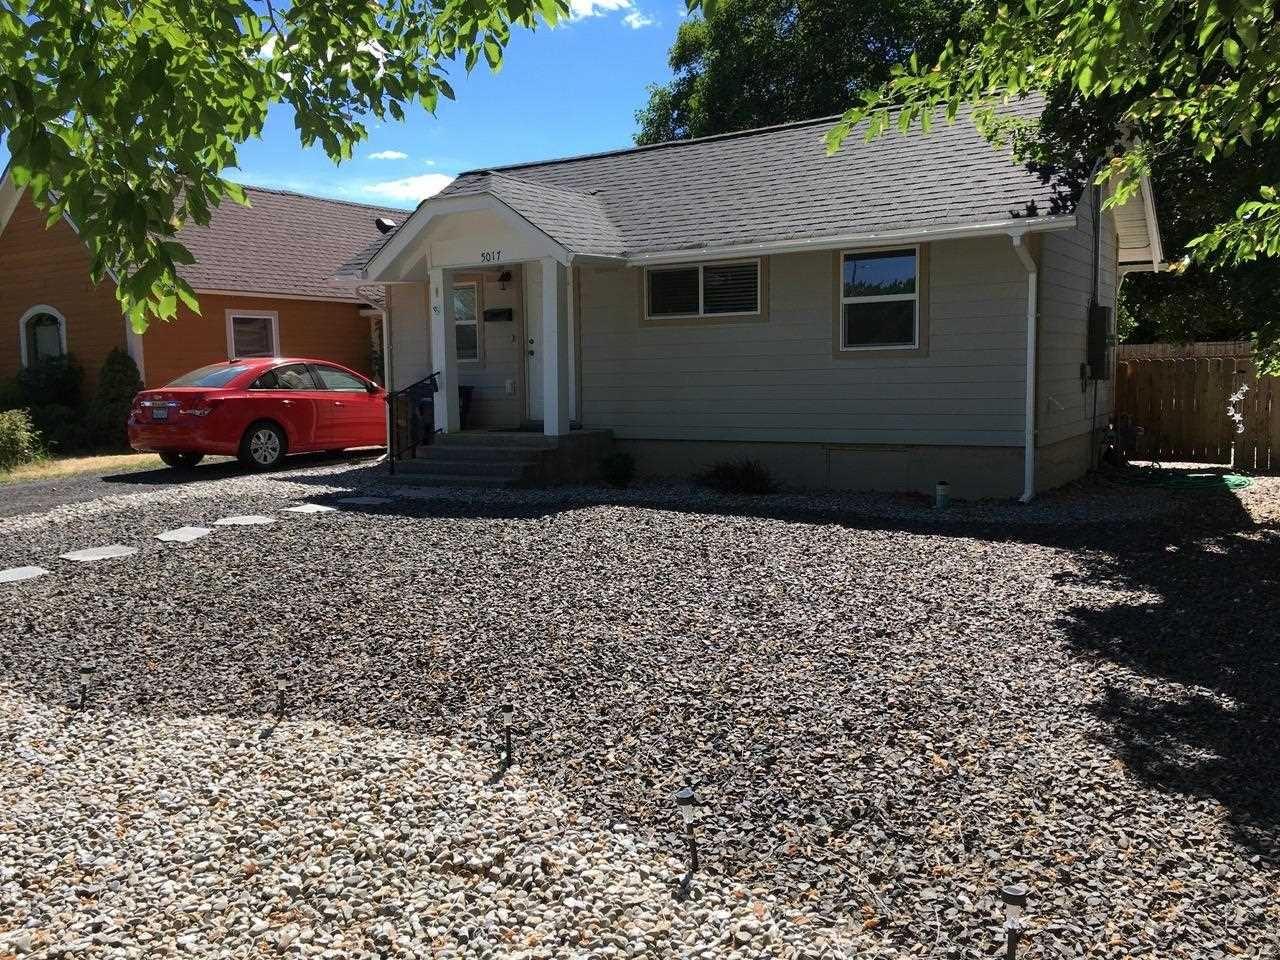 5017 N Stone St, Spokane, WA 99207-4160 - #: 202117596